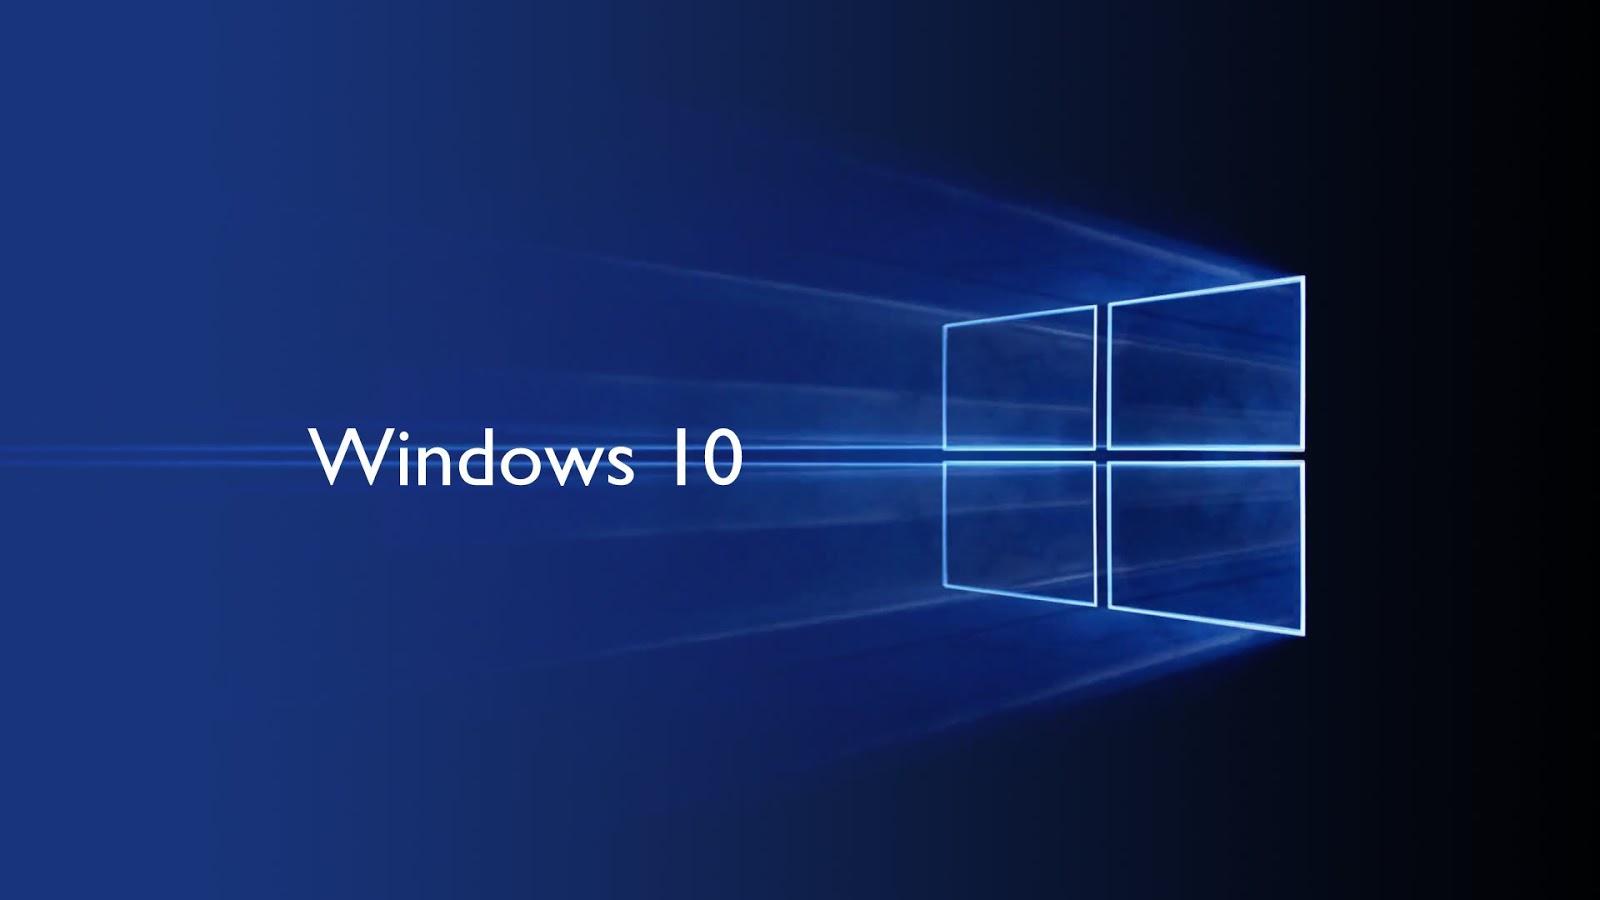 windows 10 скачать торрент 32 bit